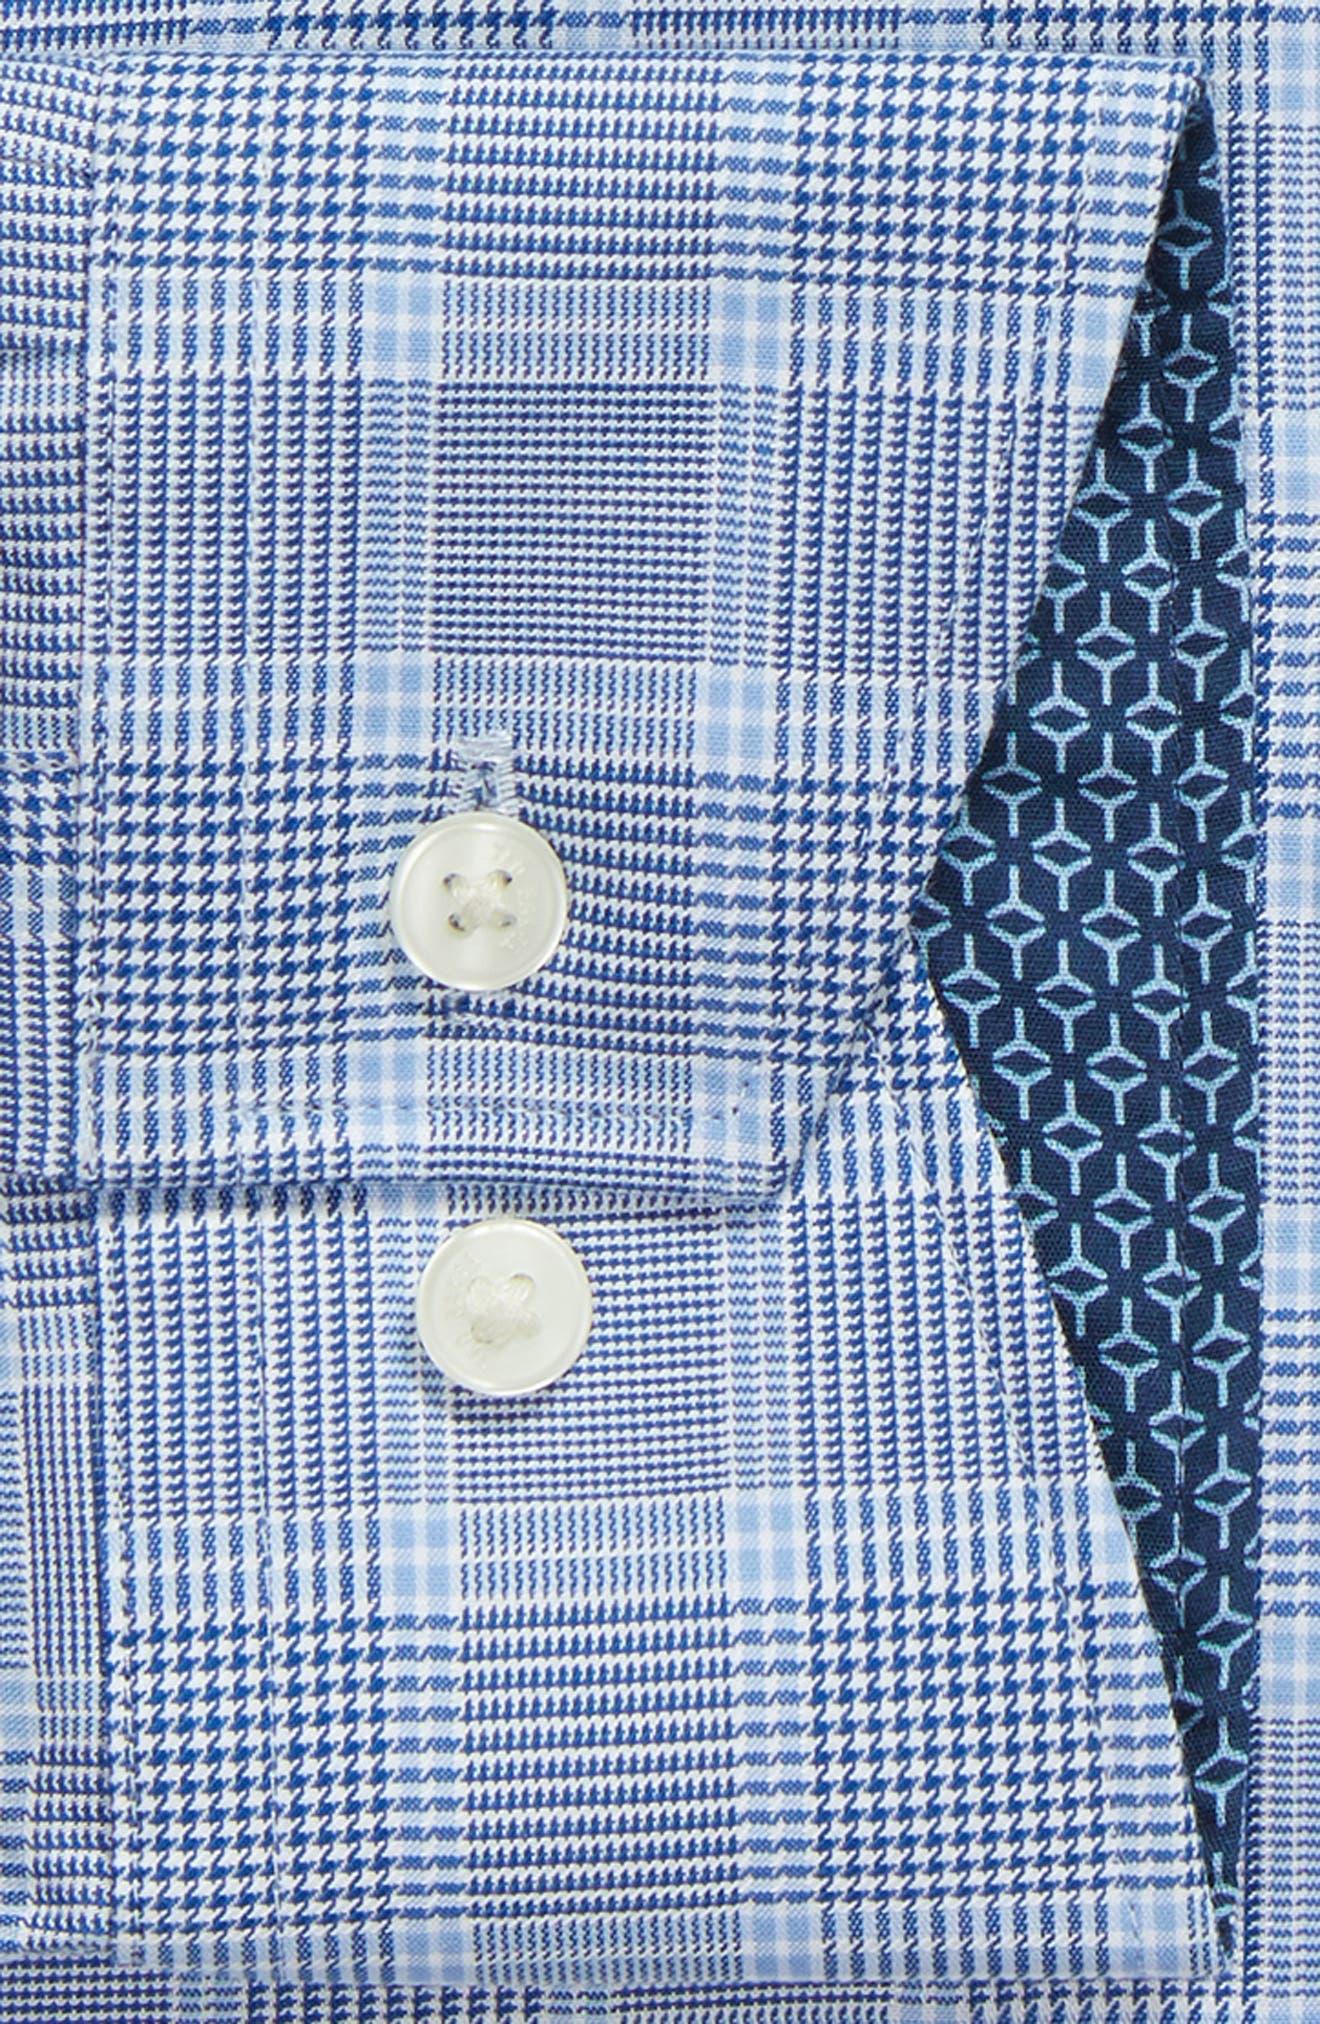 Royaltt Trim Fit Plaid Dress Shirt,                             Alternate thumbnail 6, color,                             NAVY